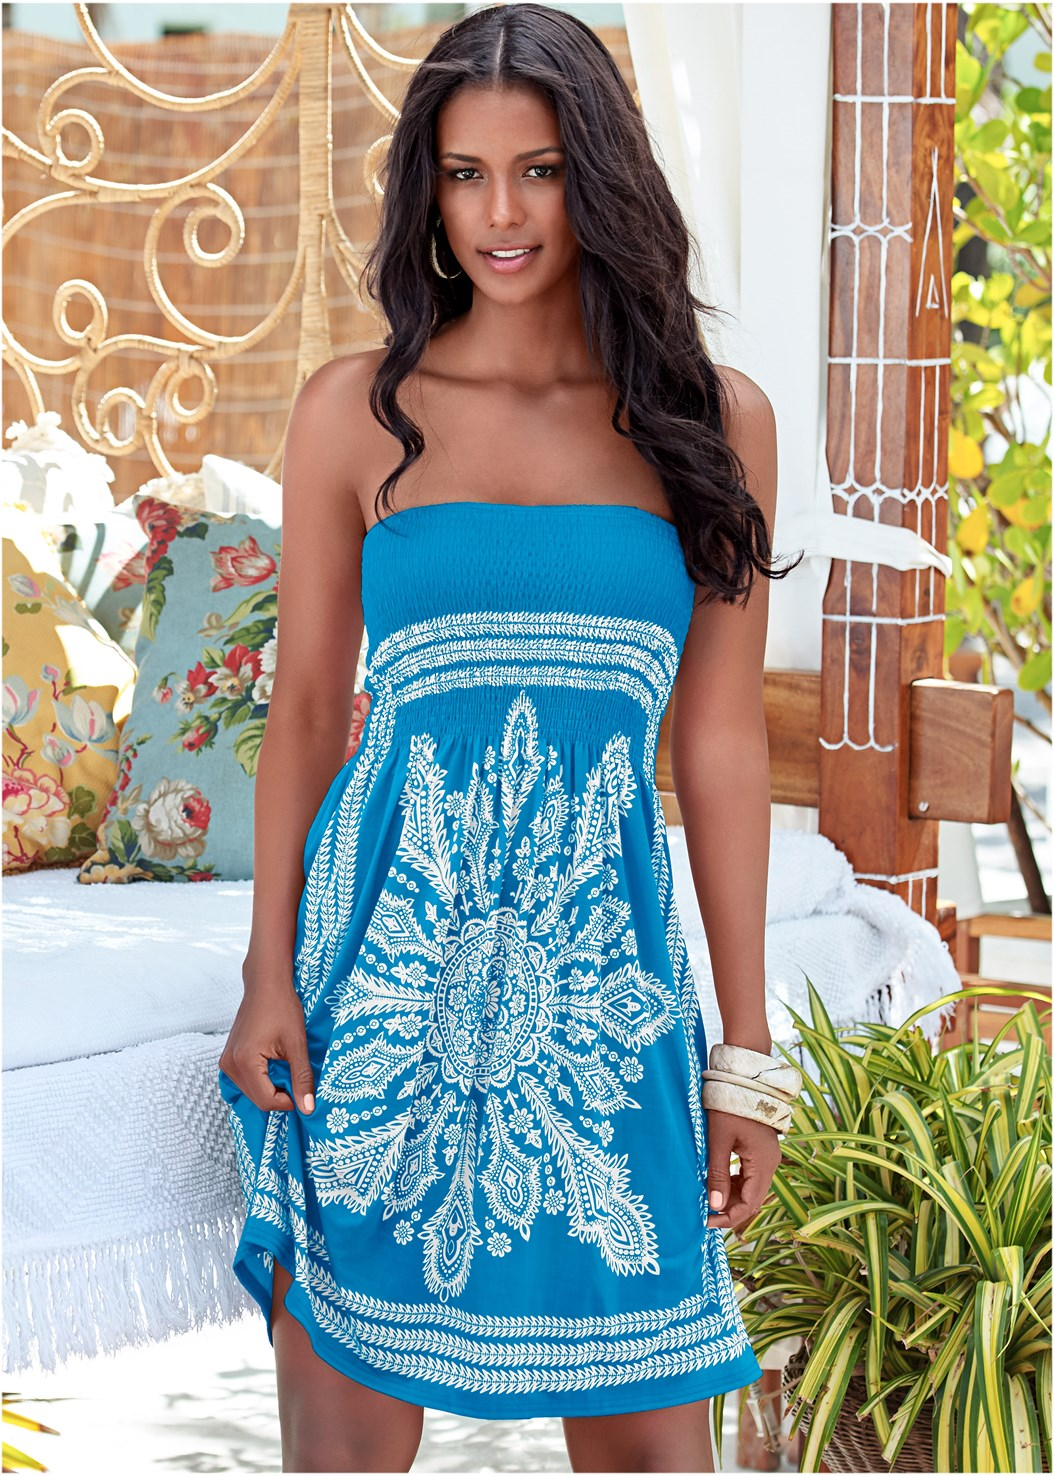 Bandeau Dress,Shapely Ruched Bandeau Top,Slit Side Skirted Bottom